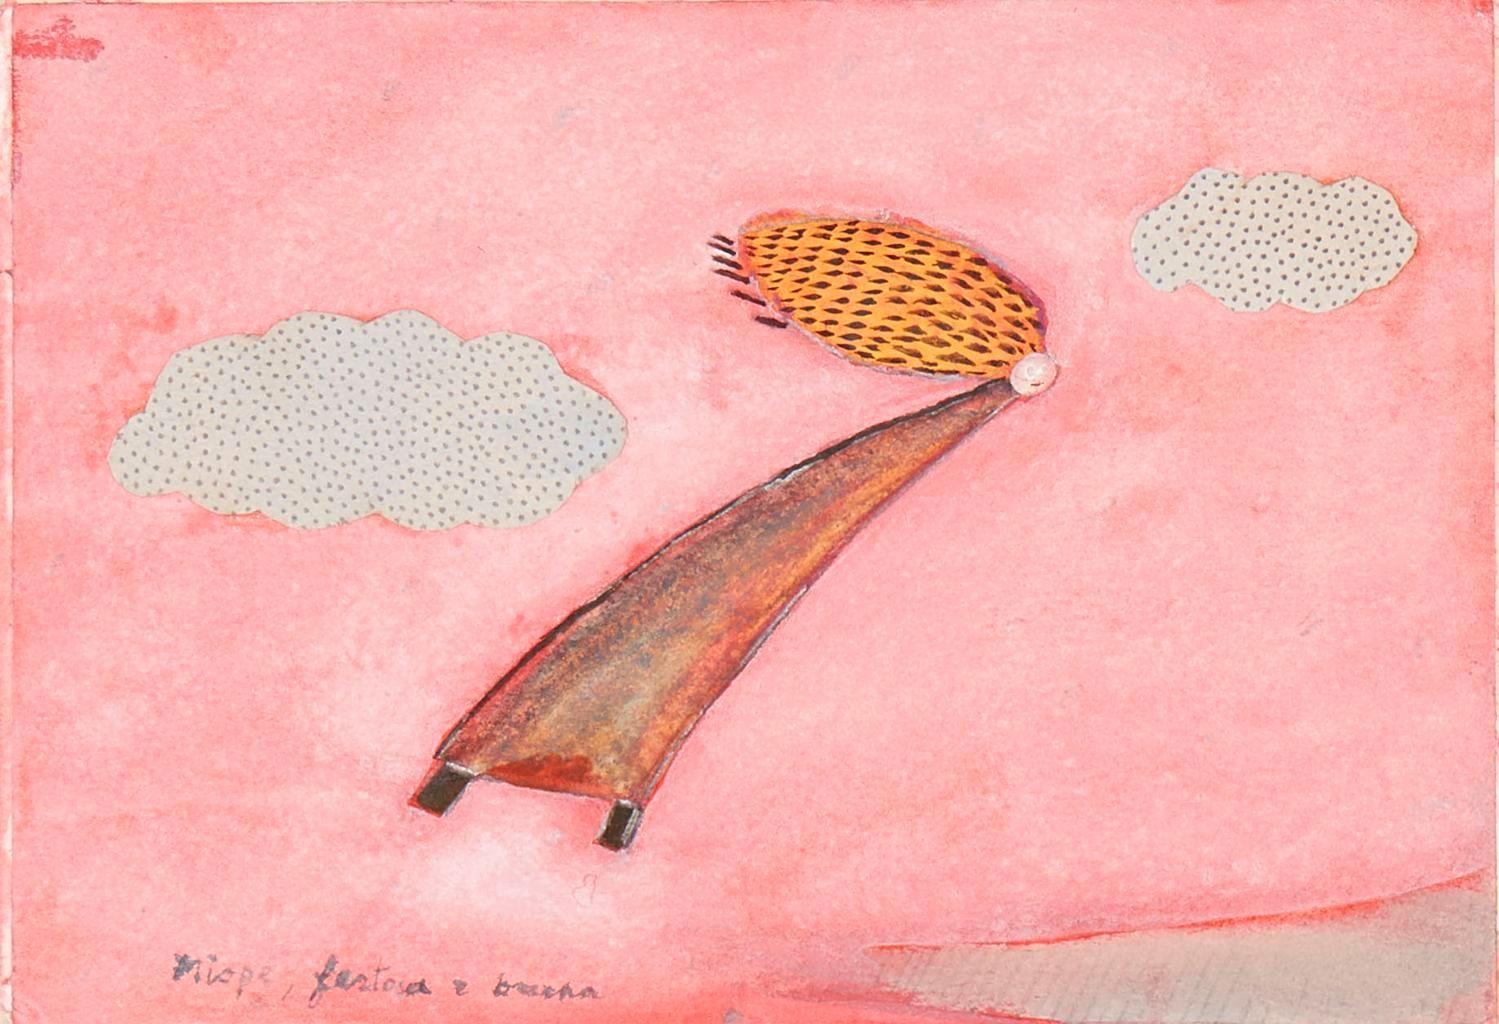 Paolo Colombo, Miope, Festosa e Bruna (1972), Watercolour collage on paper, 15.9 x10.9 cm